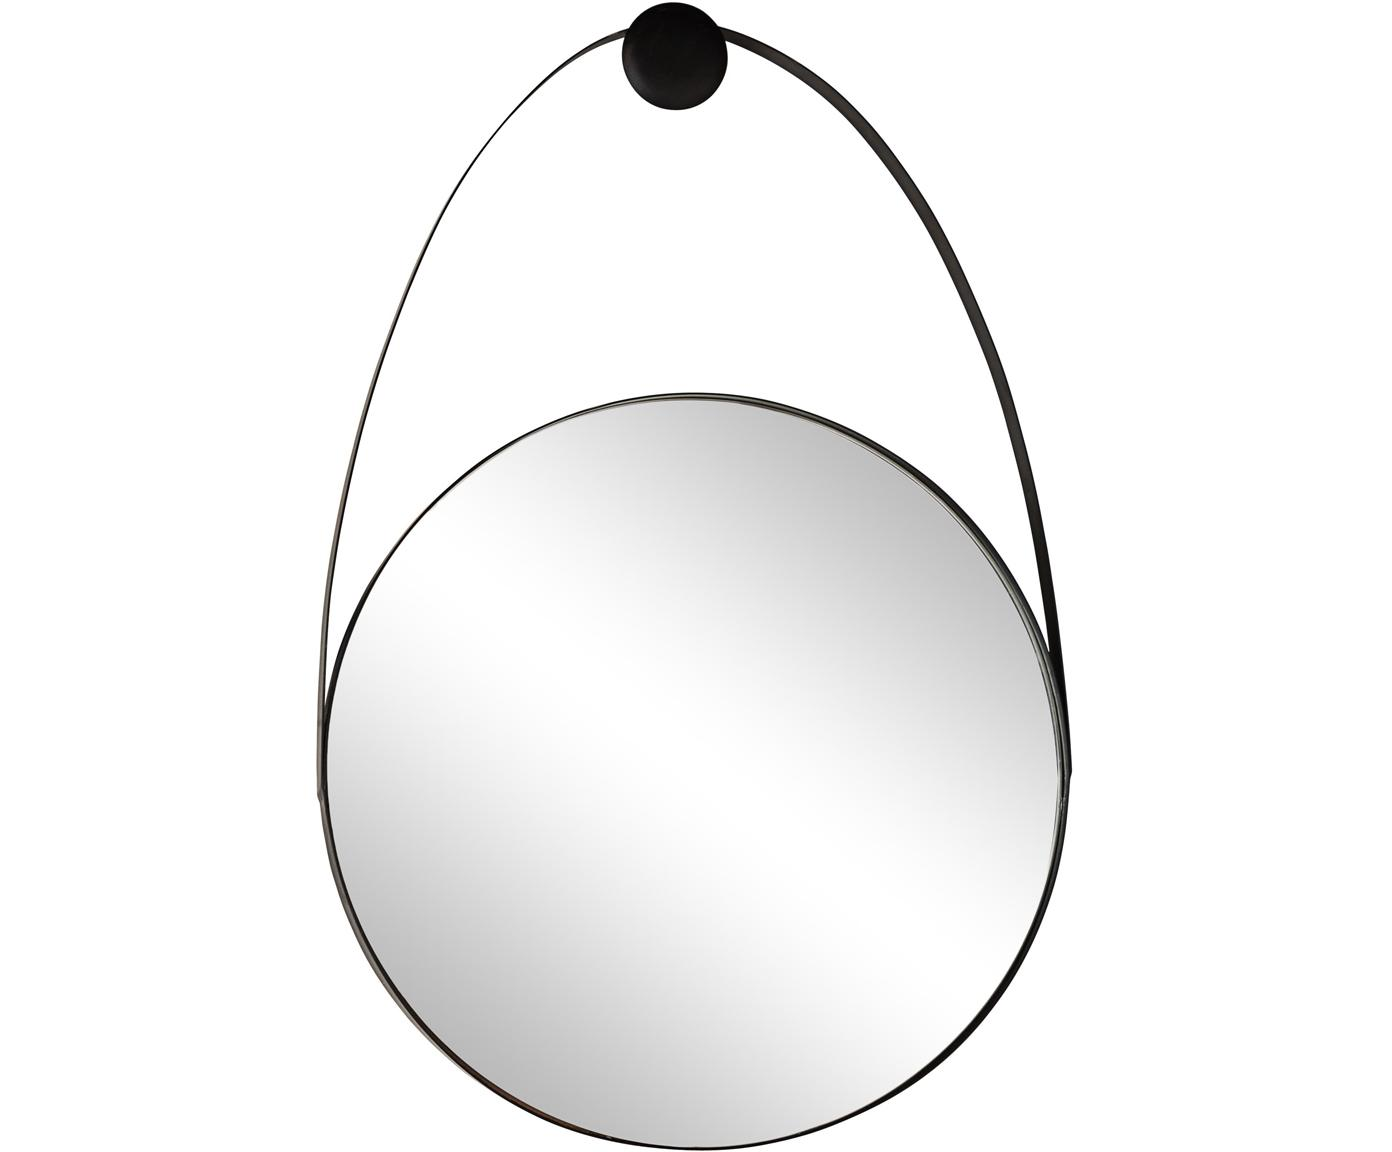 Lustro ścienne Kieran, Czarny, S 46 x W 68 cm